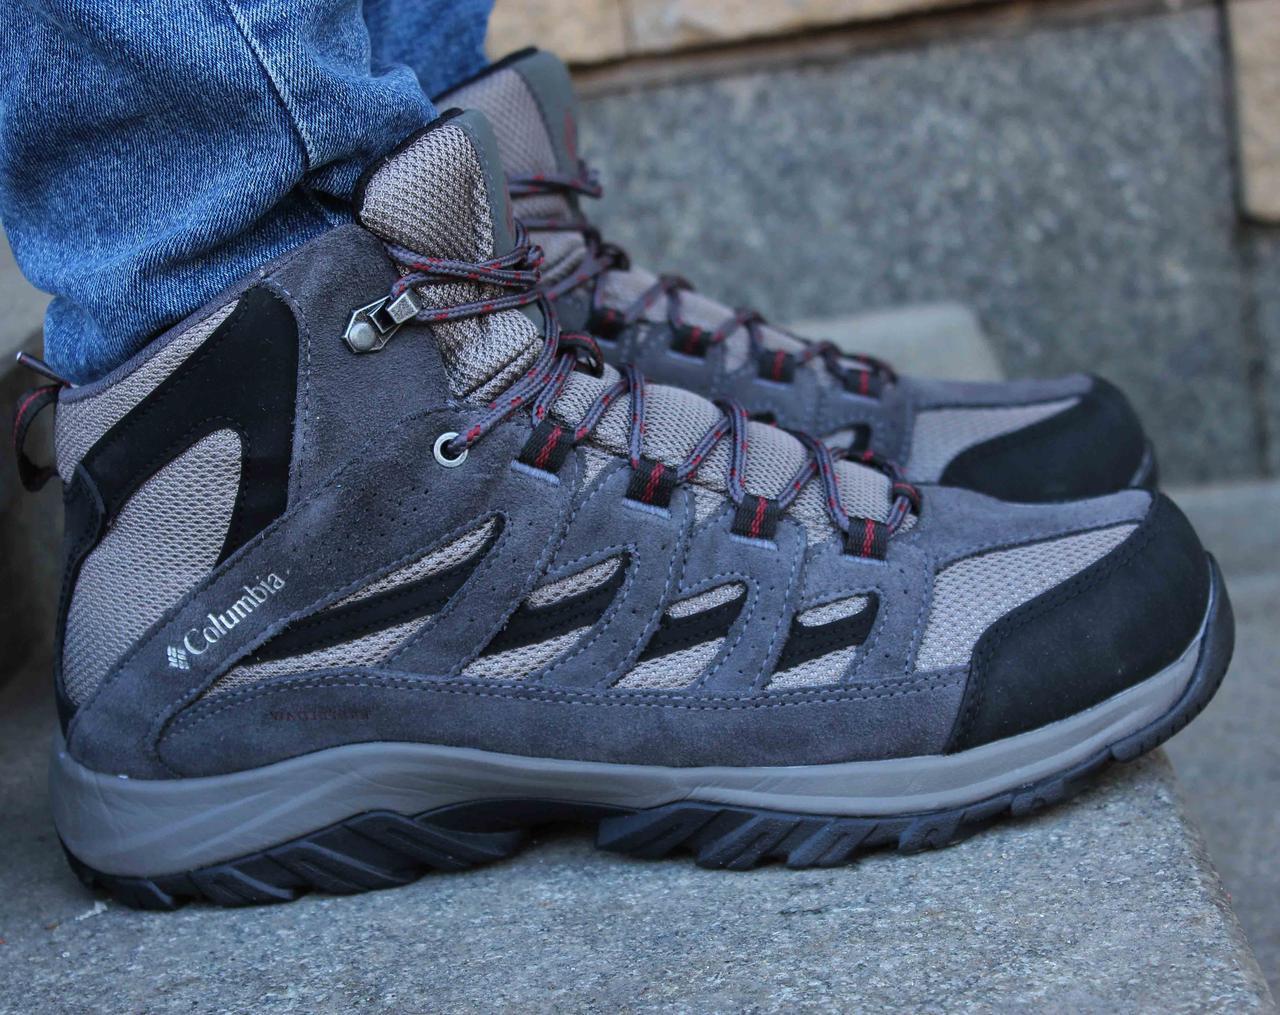 Оригинальные трекинговые ботинки Columbia Crestwood Mid Waterproof bm5371-052 42 размер